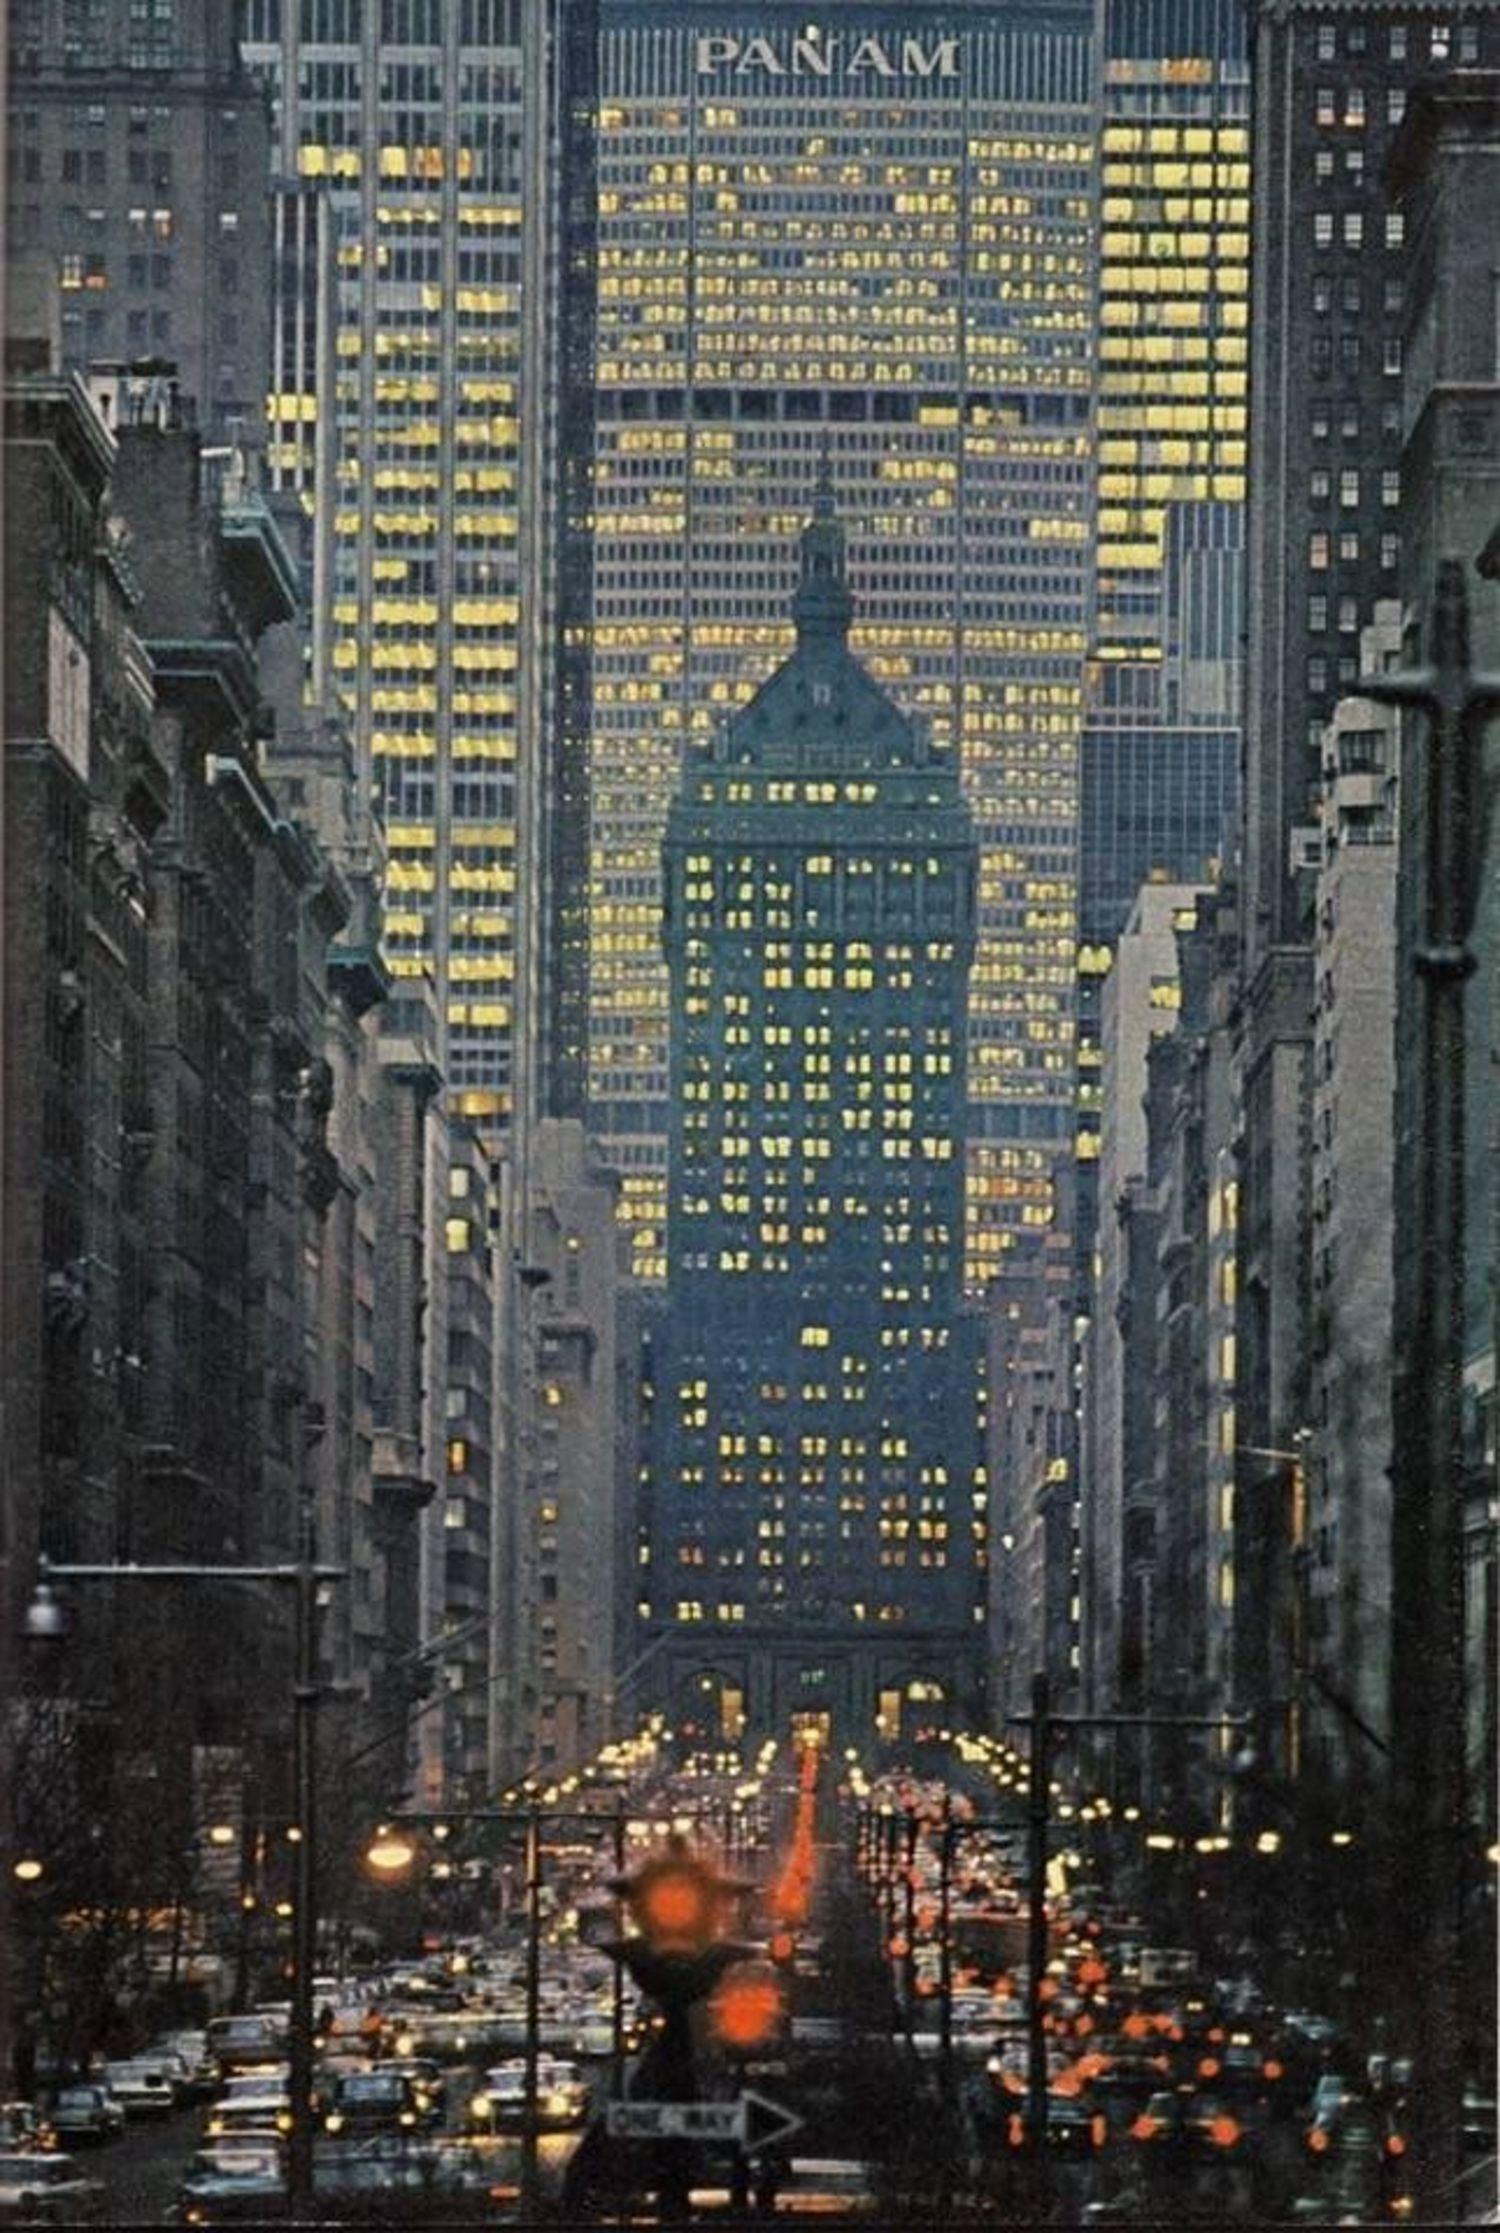 Vintage Photograph Shows Park Avenue And Pan Am Building